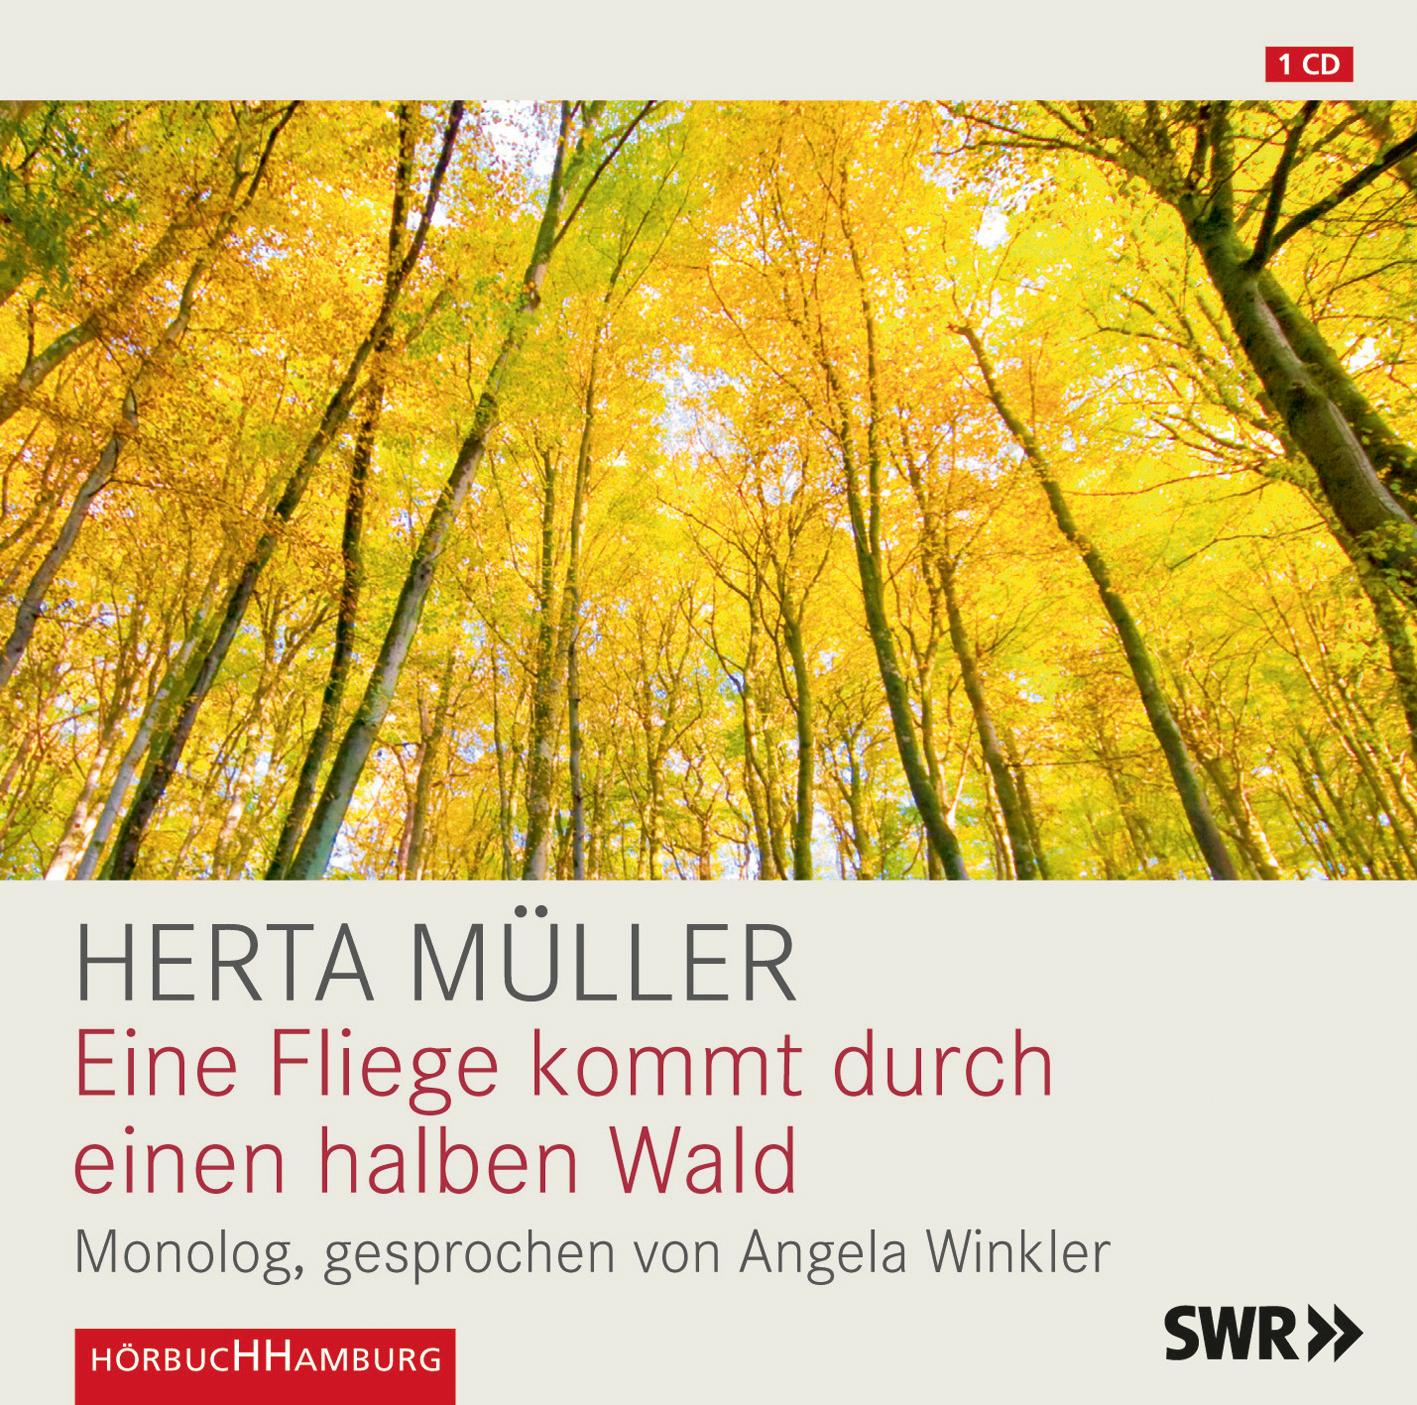 Hörbuch: Herta Müller - Eine Fliege kommt durch einen halben Wald -